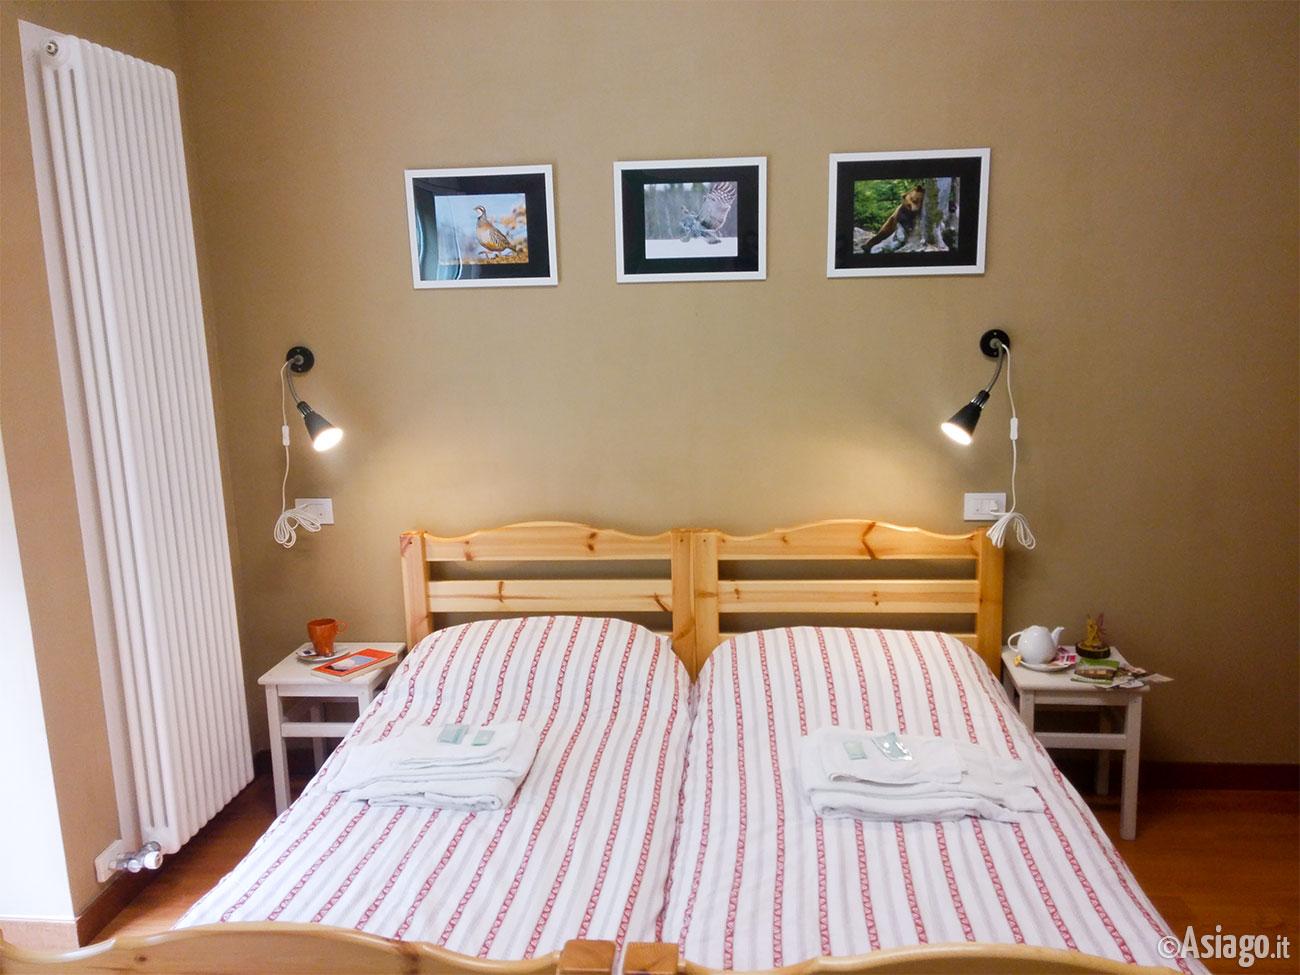 Casa zeleghe cesuna photos and description of rooms for Family hotel asiago